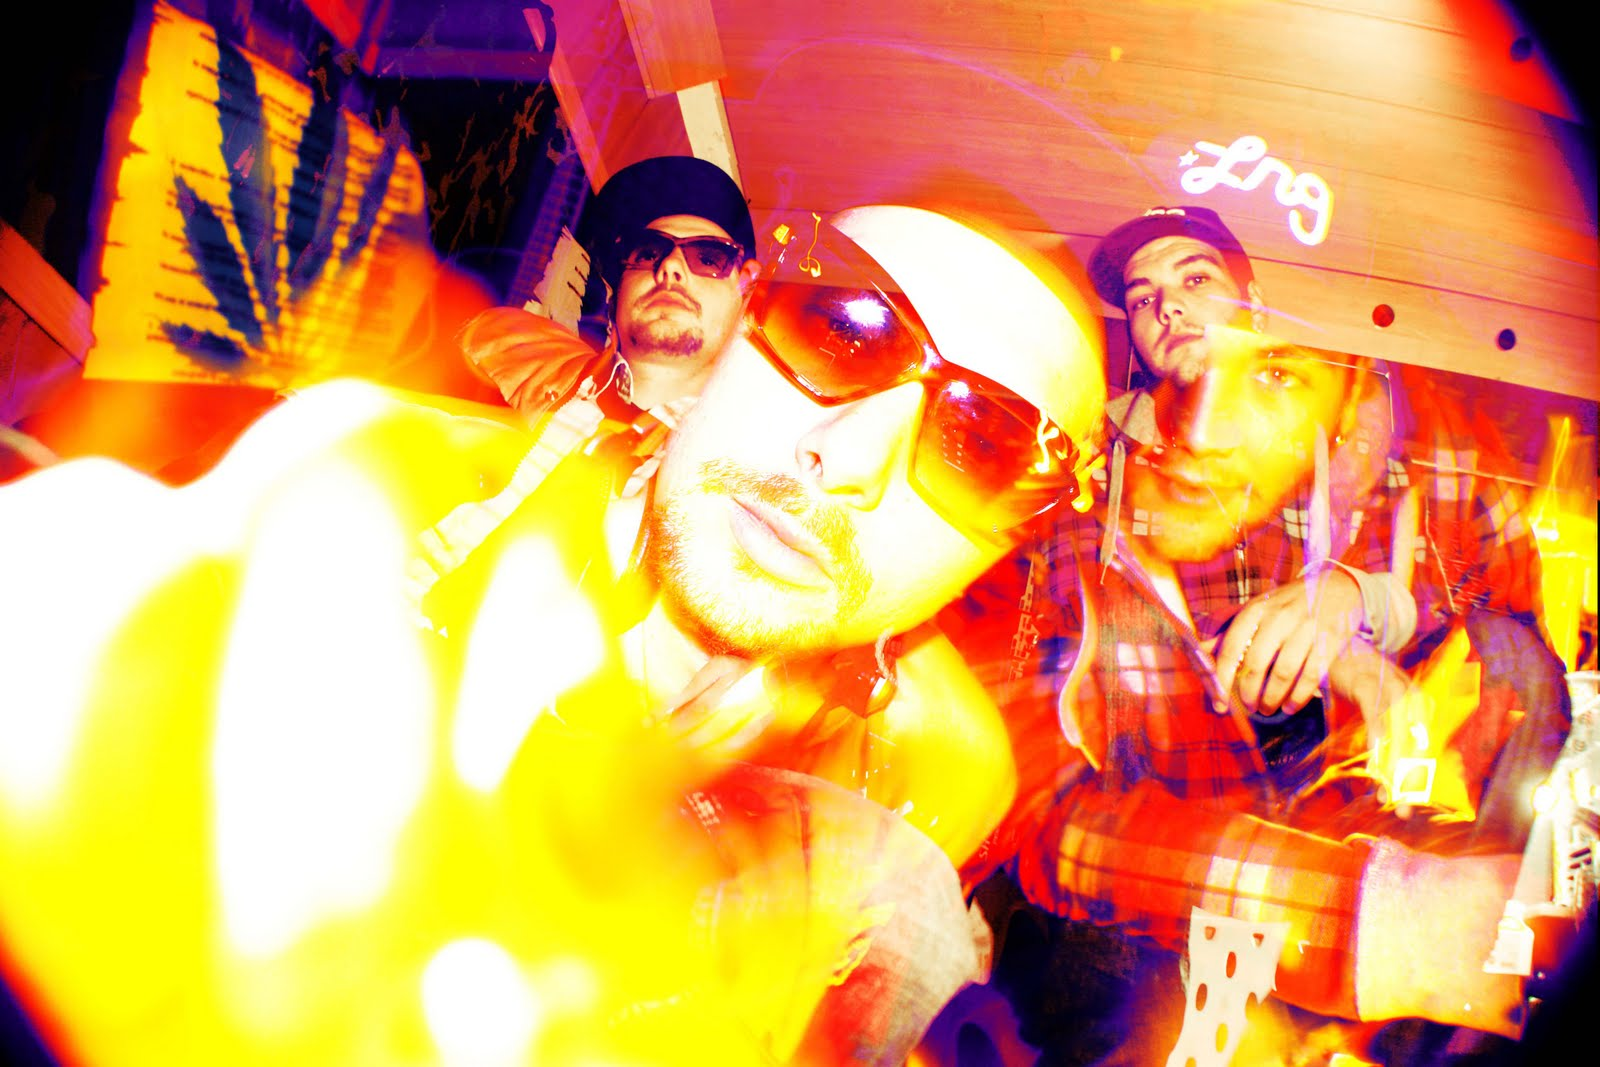 http://2.bp.blogspot.com/-kODFXlU1CaI/TnyZwQACqII/AAAAAAAAGgA/0BkbevZyBwo/s1600/FREAK.SOM_1.jpg